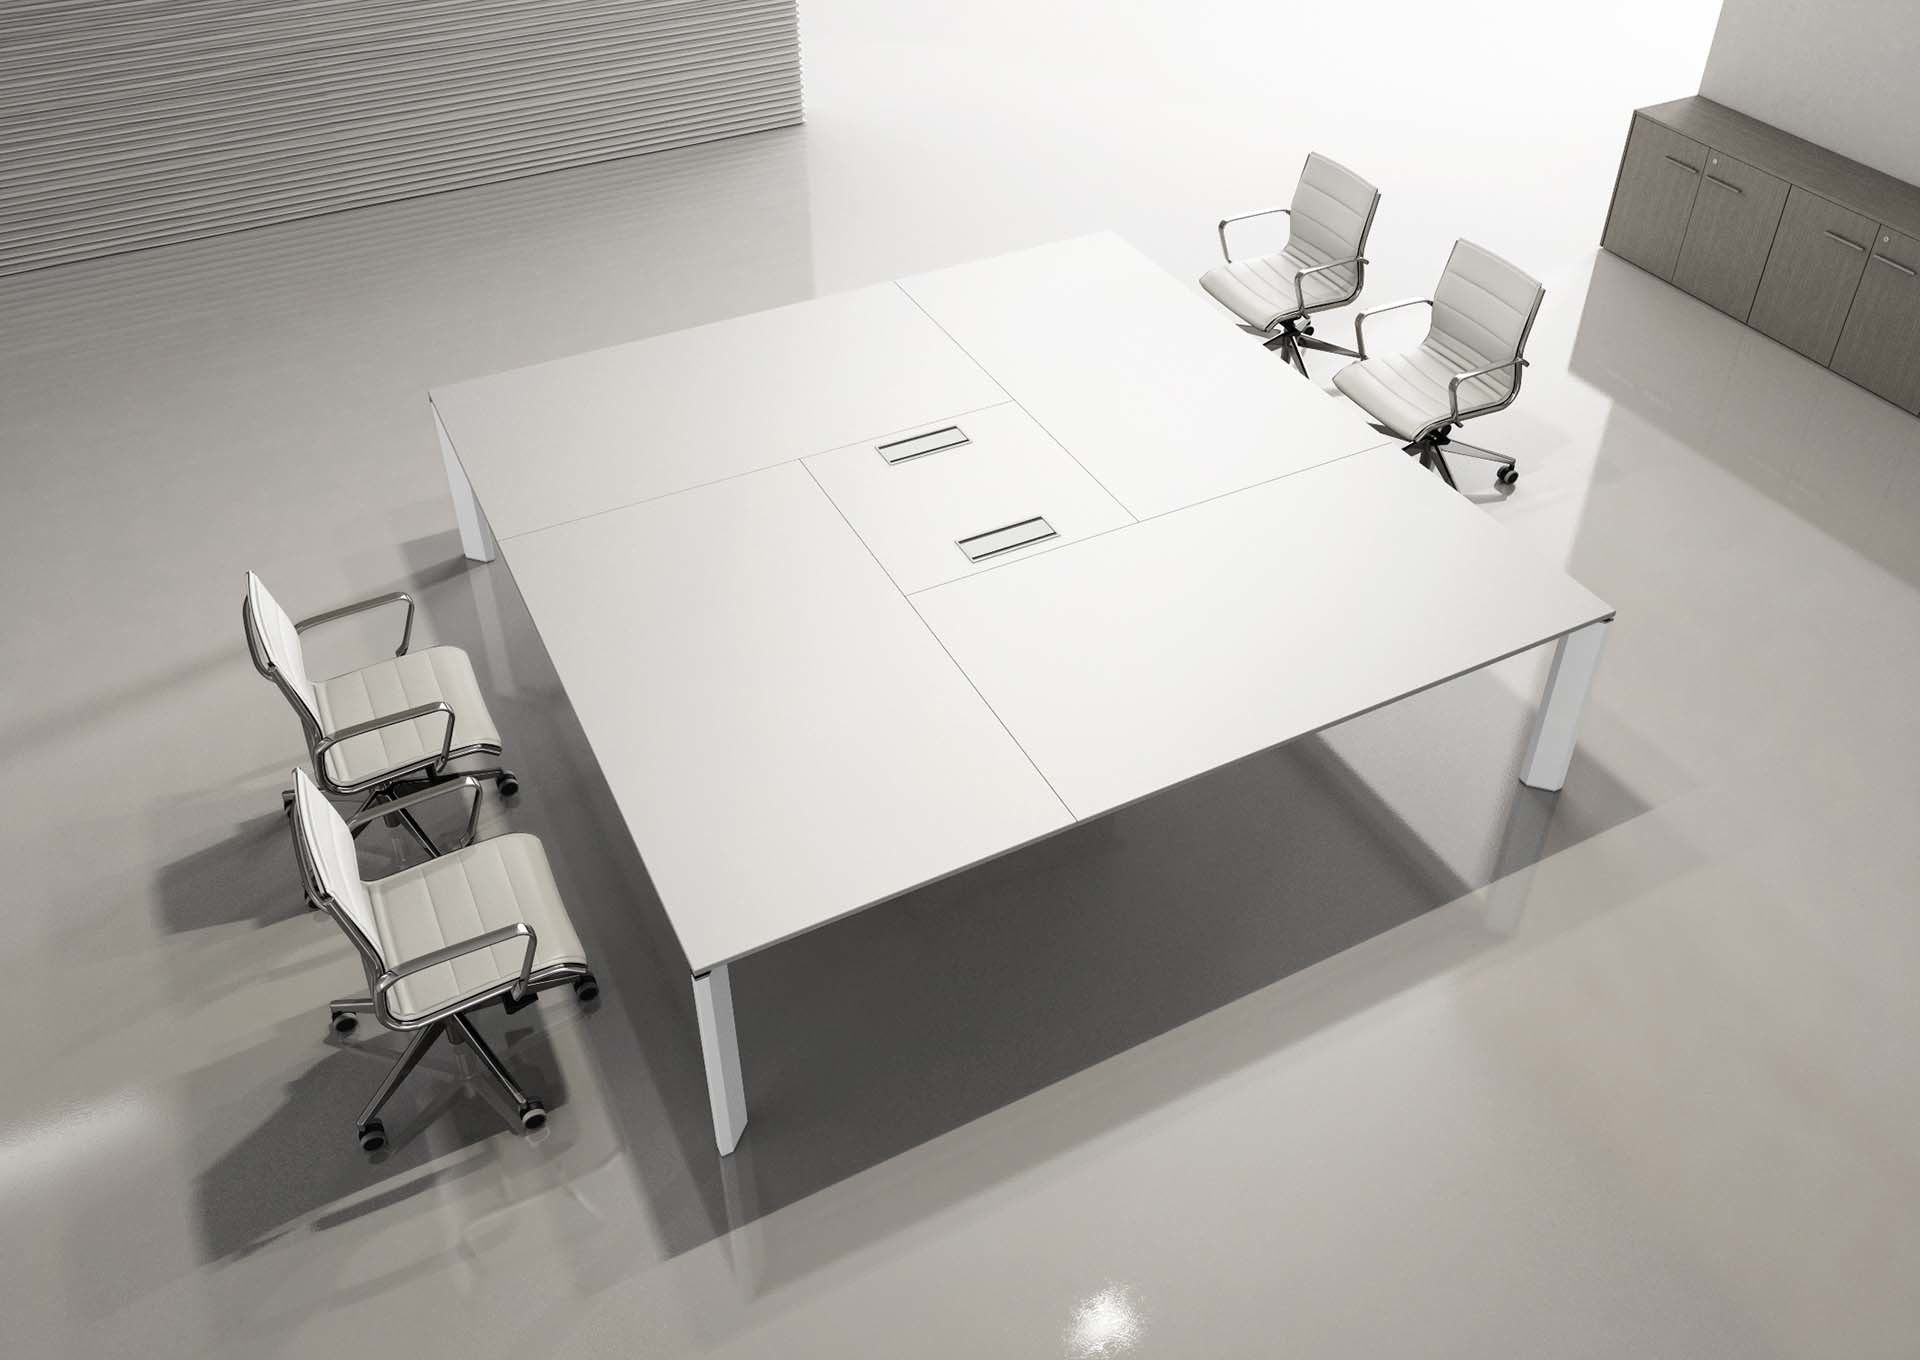 Tavolo per riunioni a settori,tavolo quadrato con sportelli